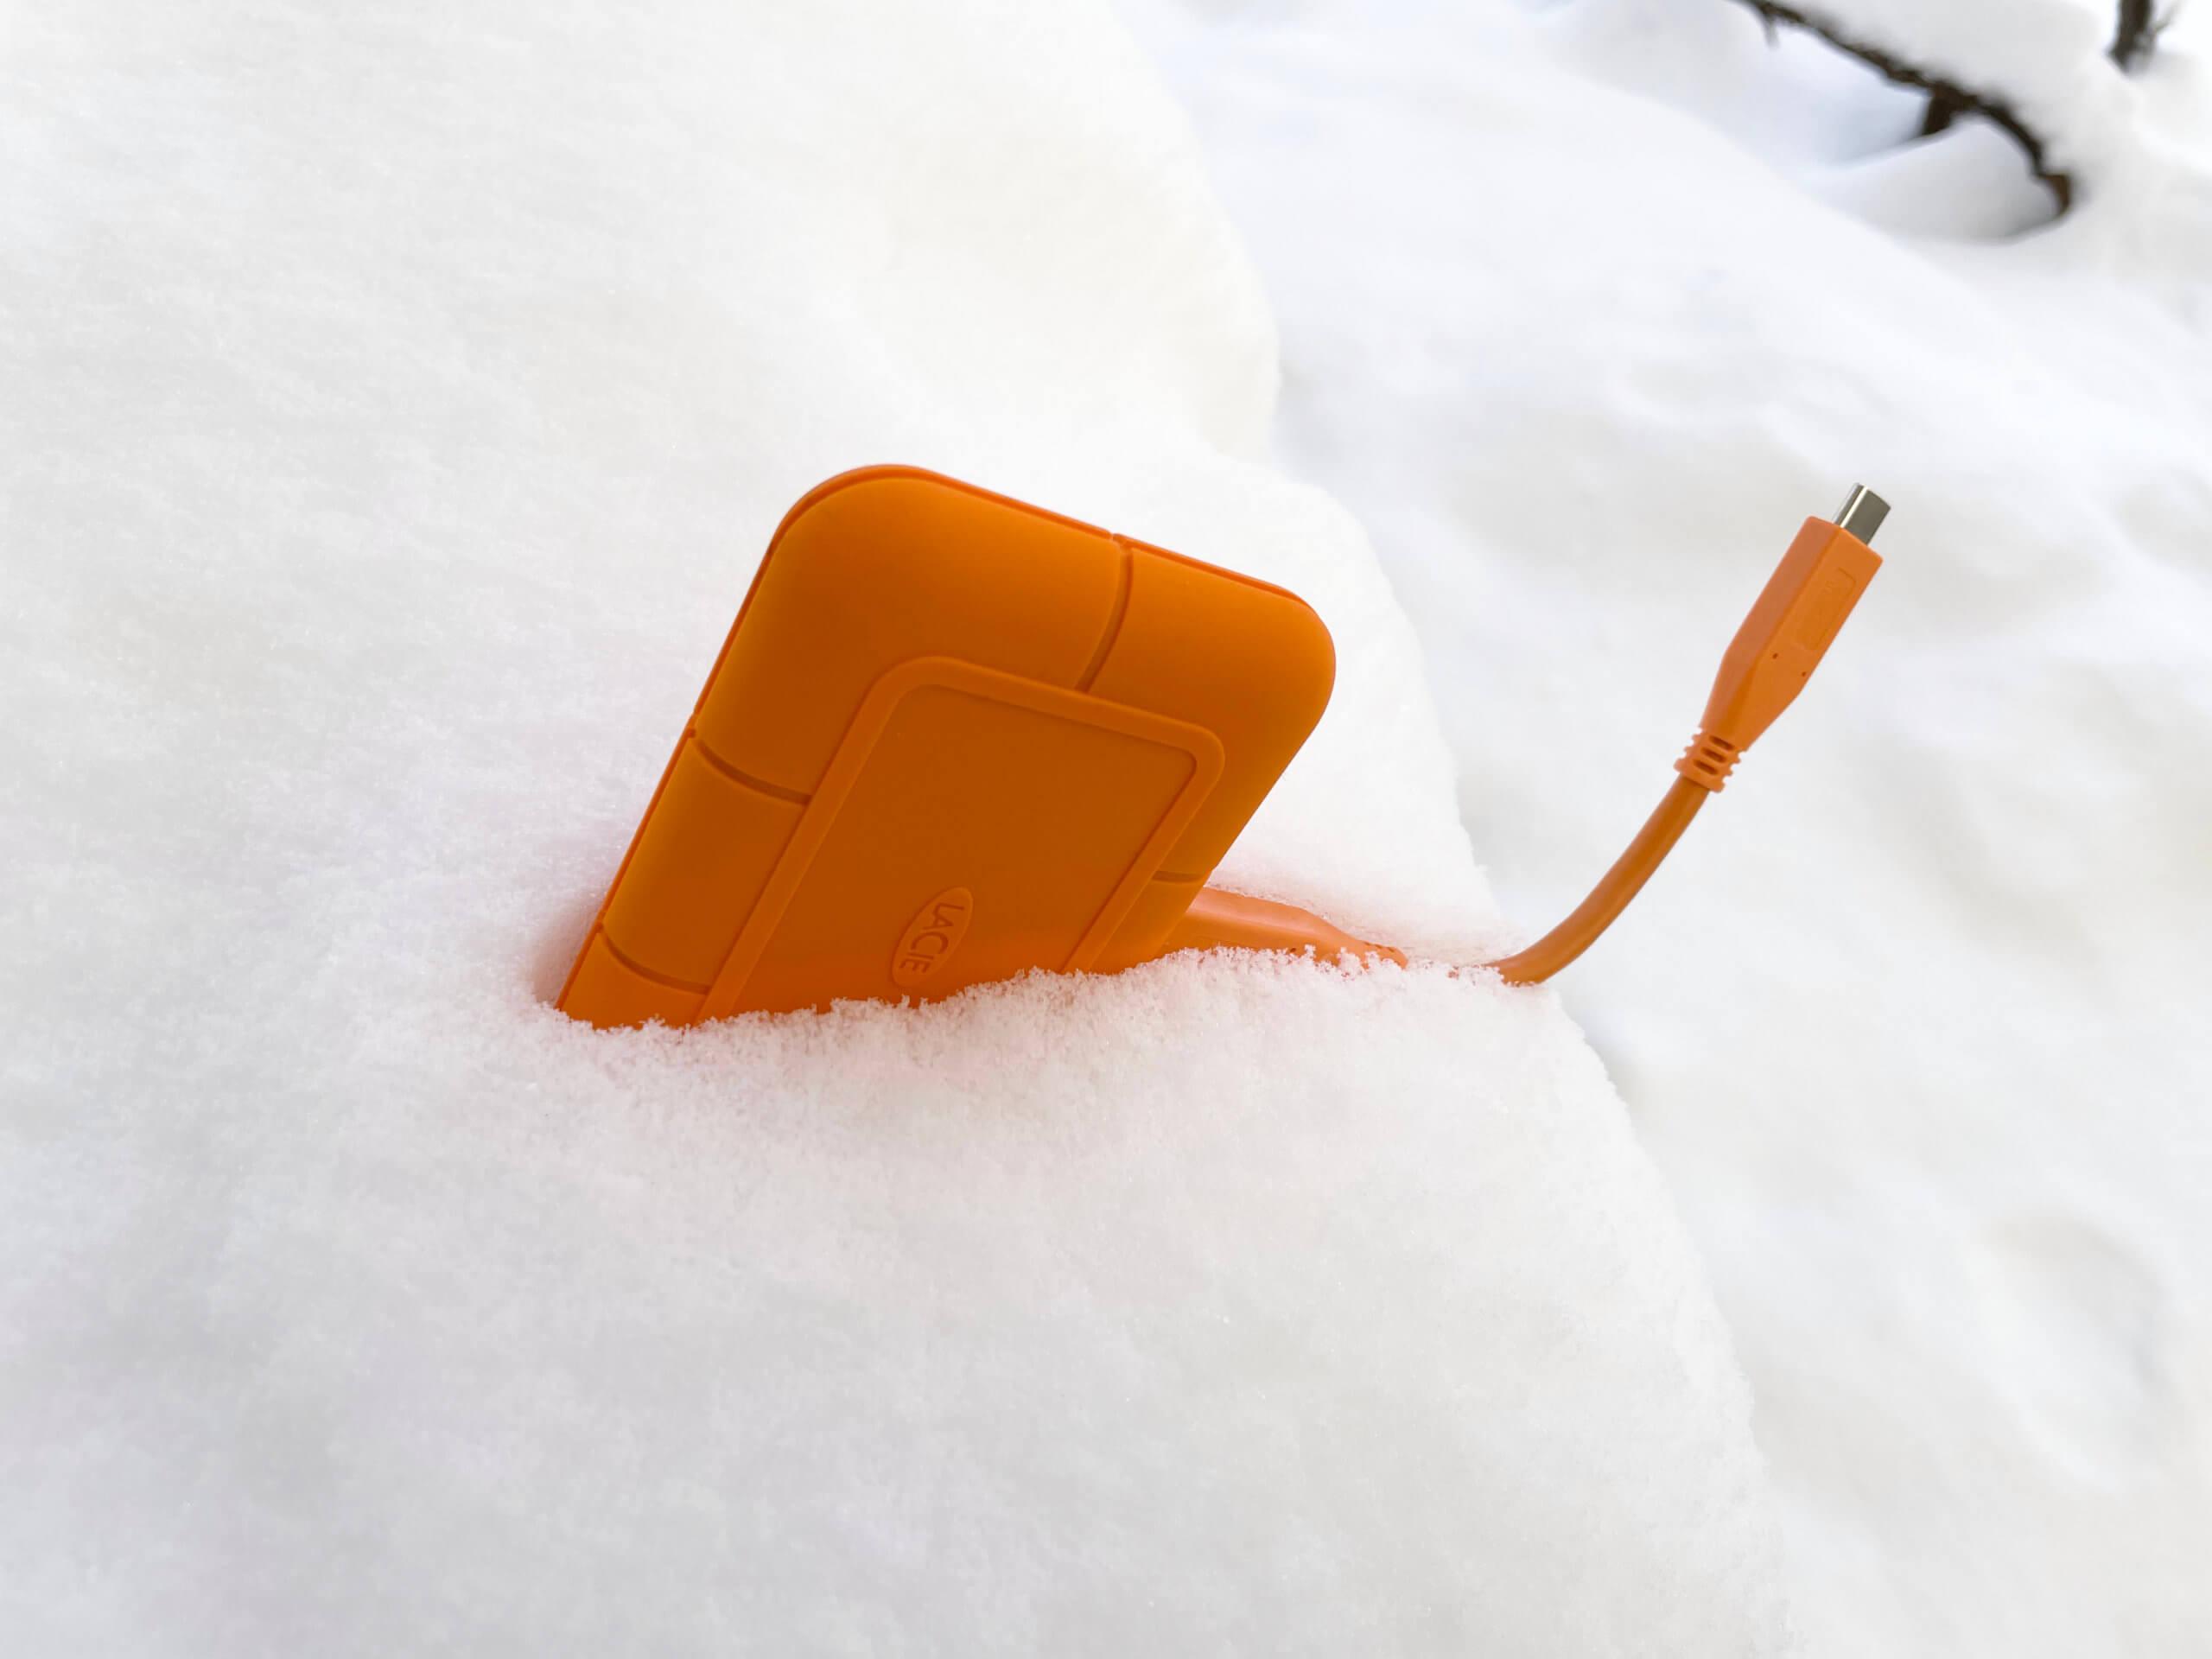 Den weltbekannten Allgäuer Schnee-Test hat die SSD erstklassig gemeistert.